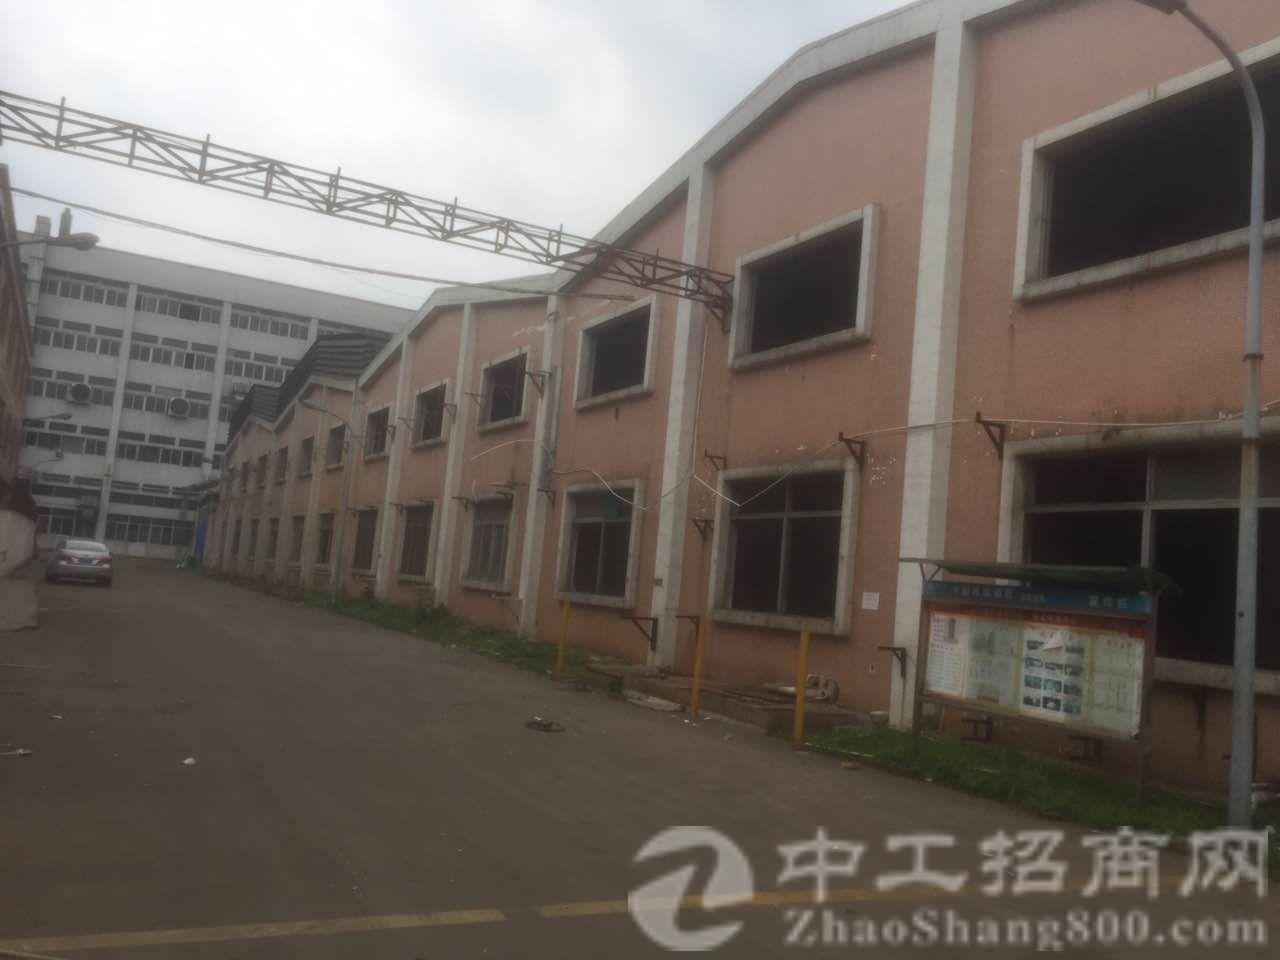 茶山新出实业客分租一层 厂房3500可挂10吨行车 电315-图2